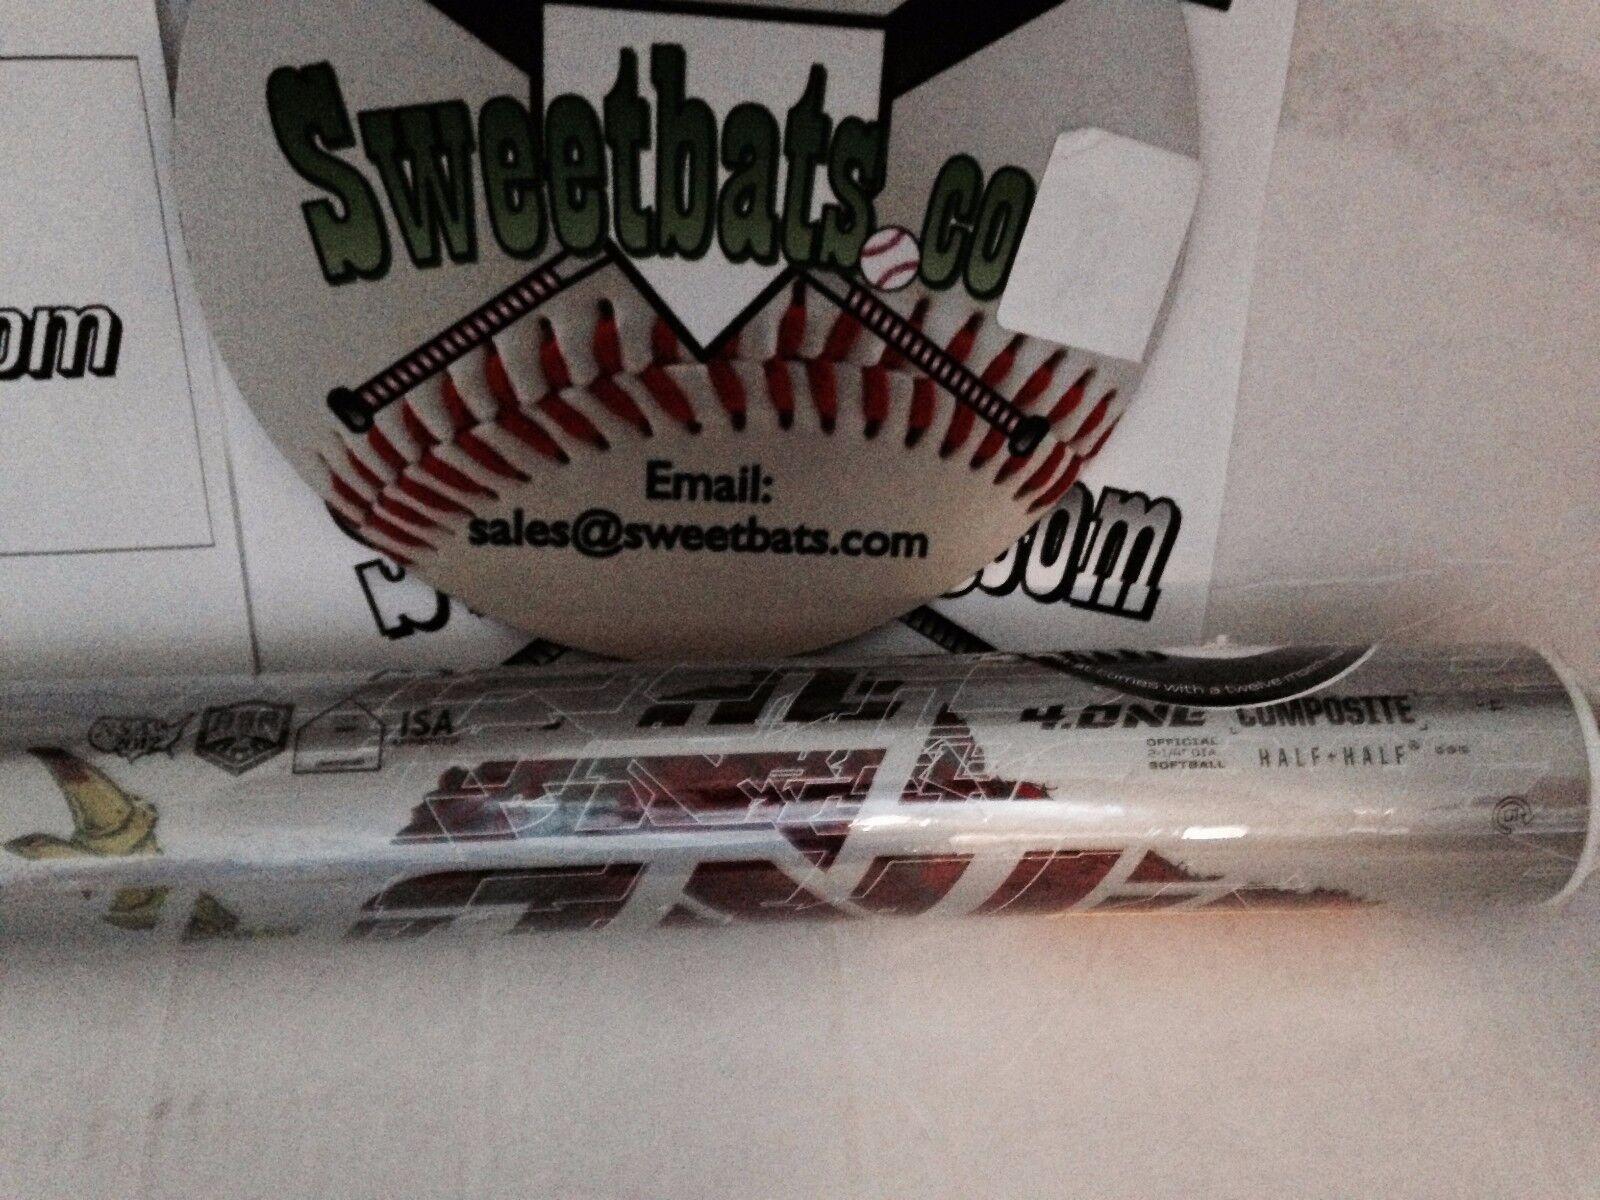 New Demarini One Sunday Swagger Softball Bat NIW 34 28 28 28 ASA WTDXONE 4.ONE USSSA 3f22d9